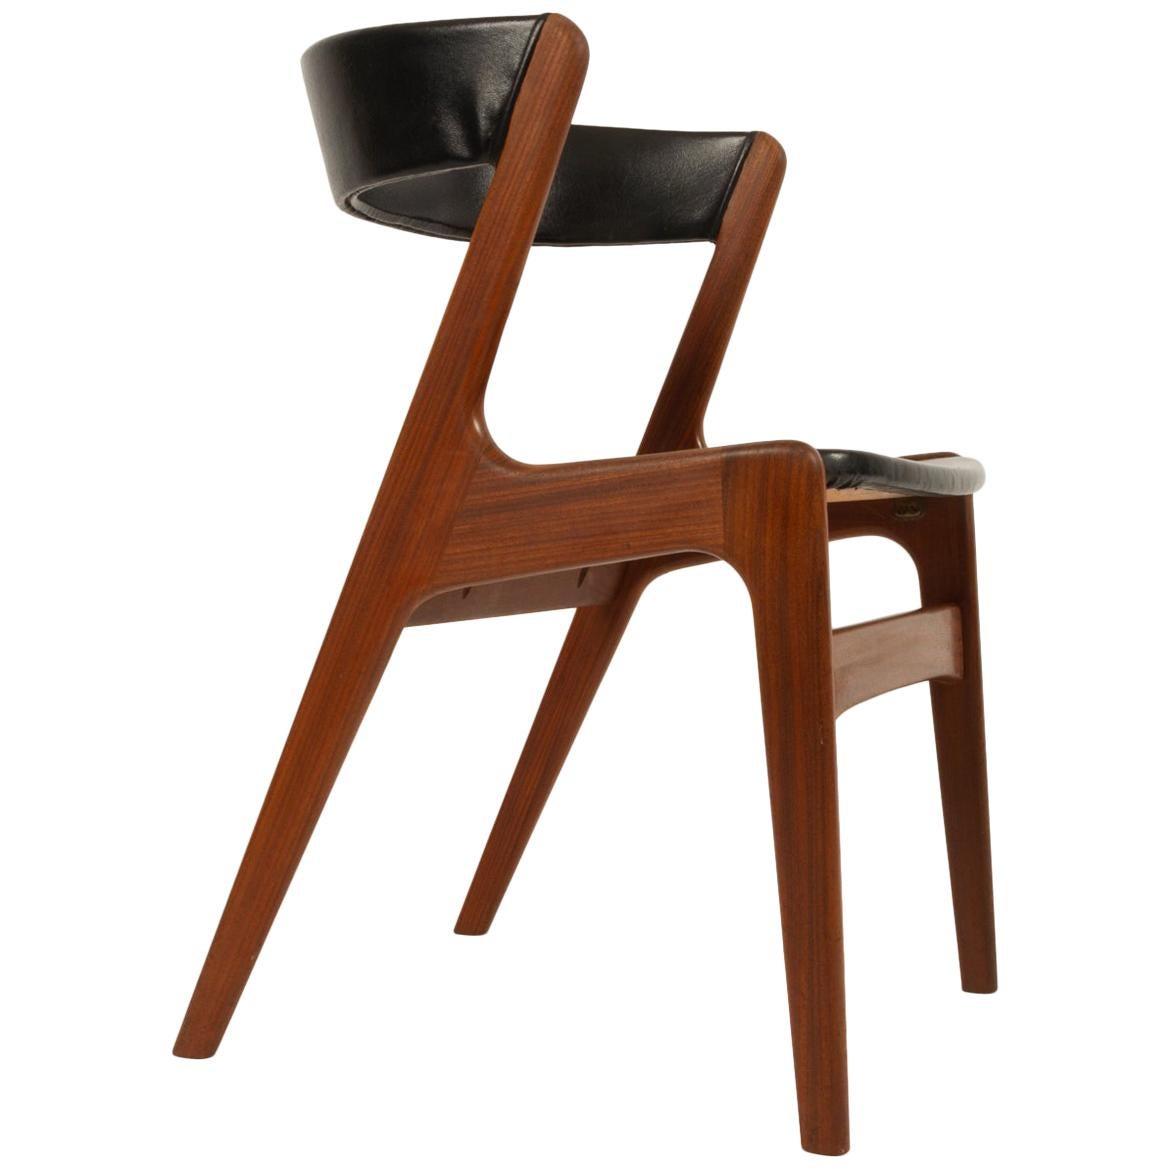 Danish Chair in Solid Teak, 1960s